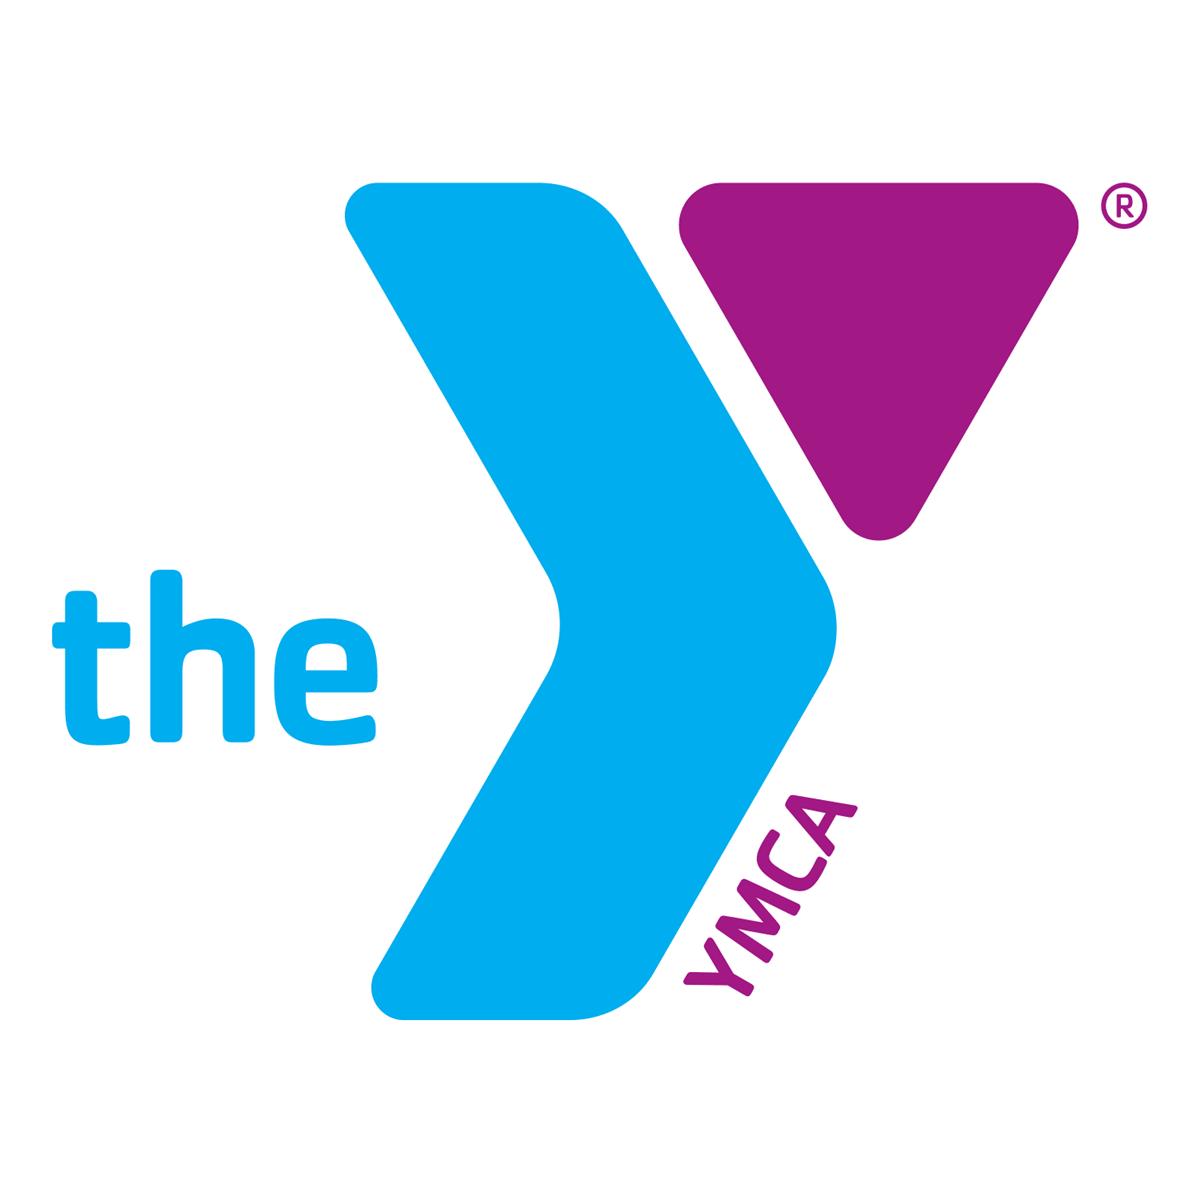 ymca-logo-social